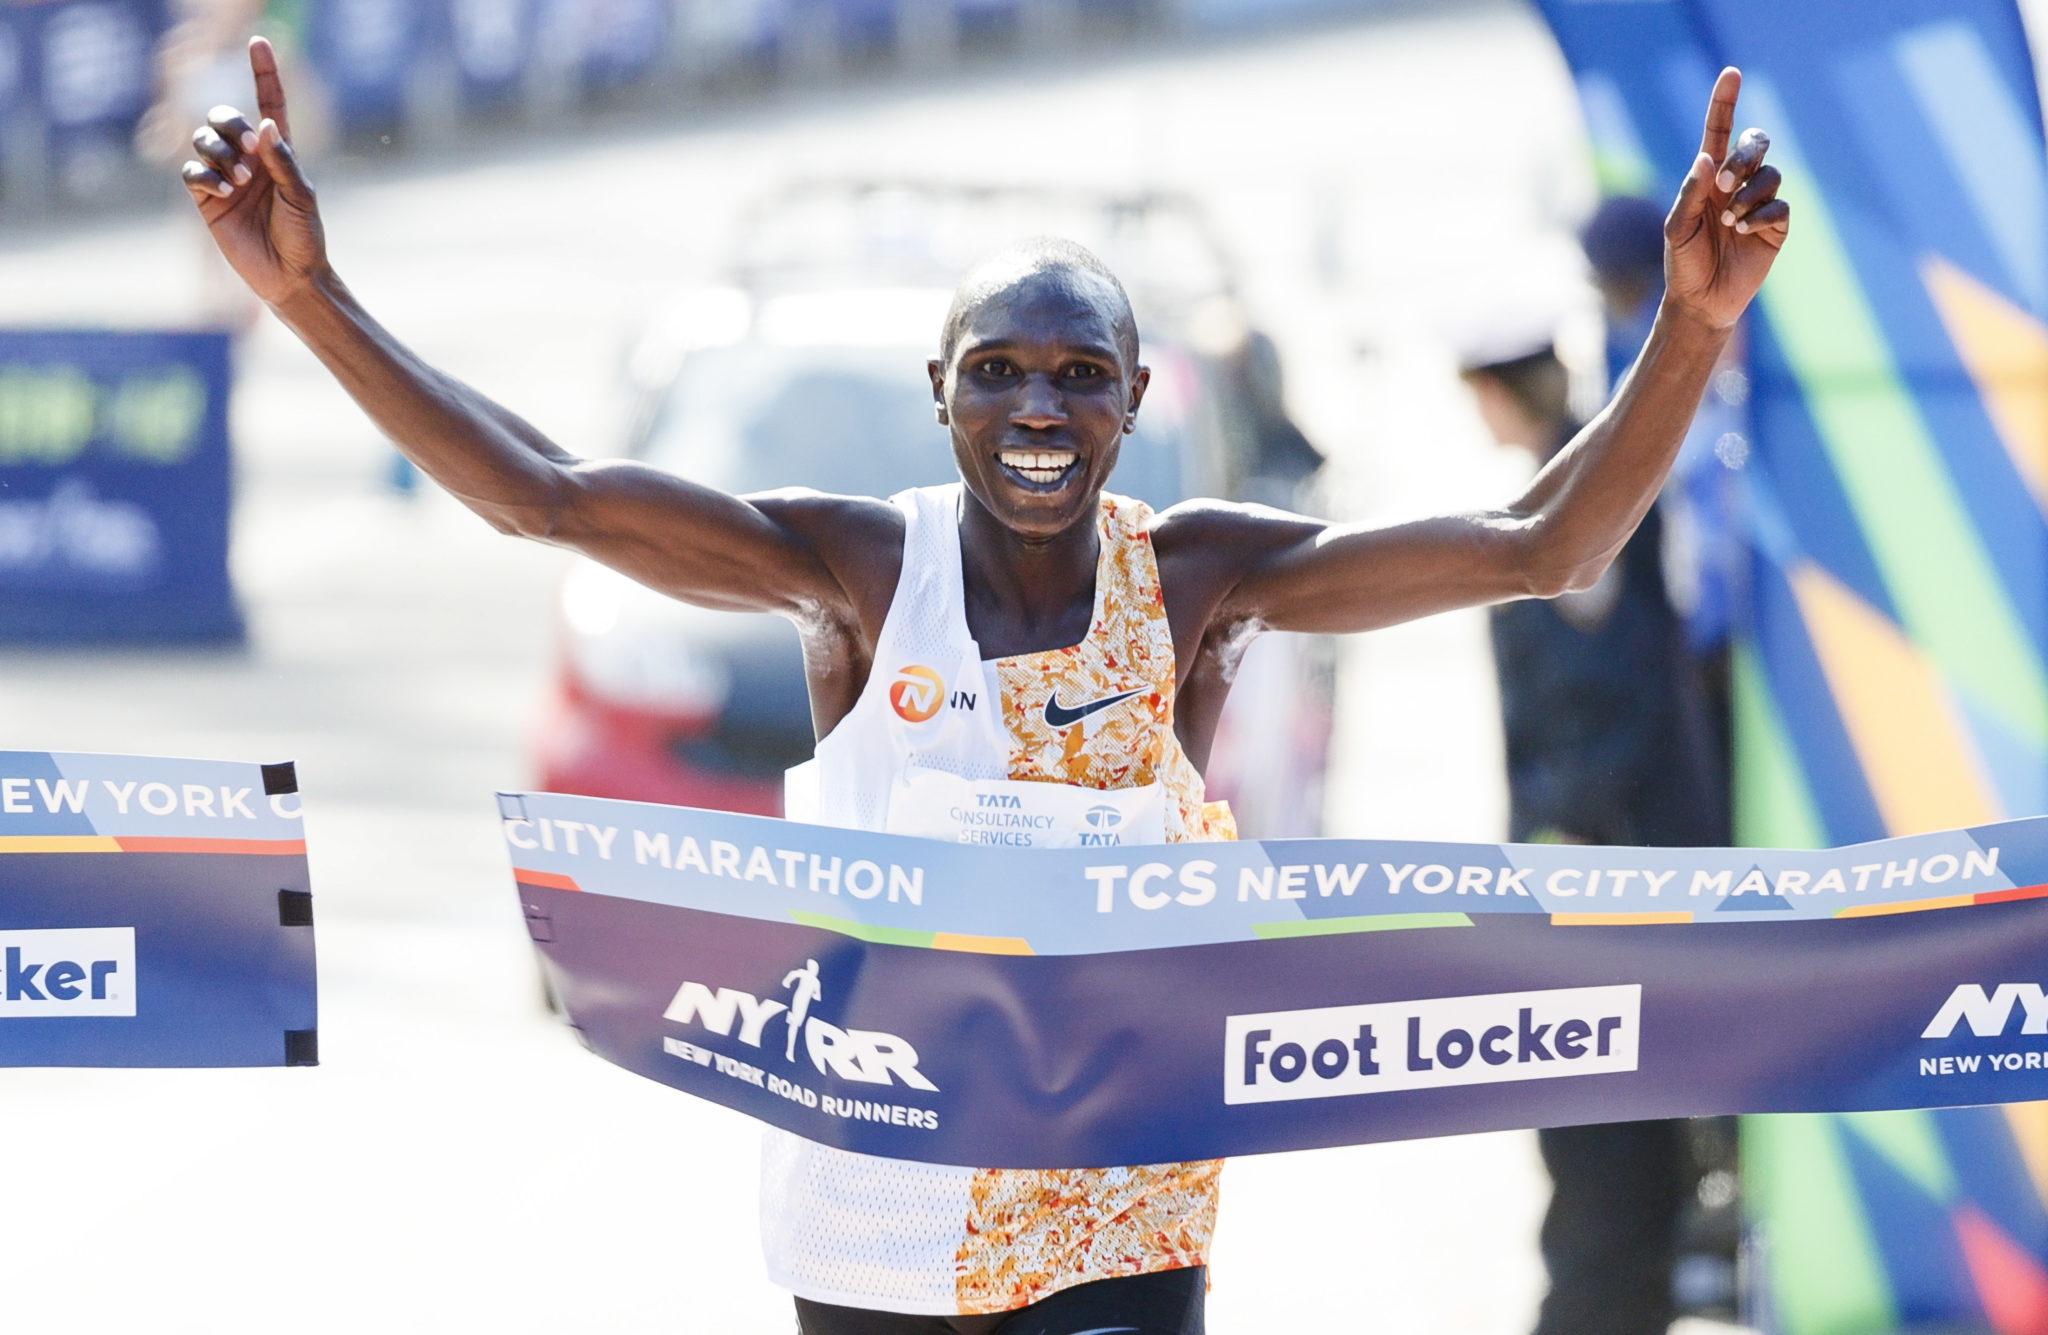 Biegacz Geoffrey Kamworor z Kenii przekracza linię mety na pierwszym miejscu 2019 TCS New York City Marathon, fot. JUSTIN LANE, PAP/EPA.